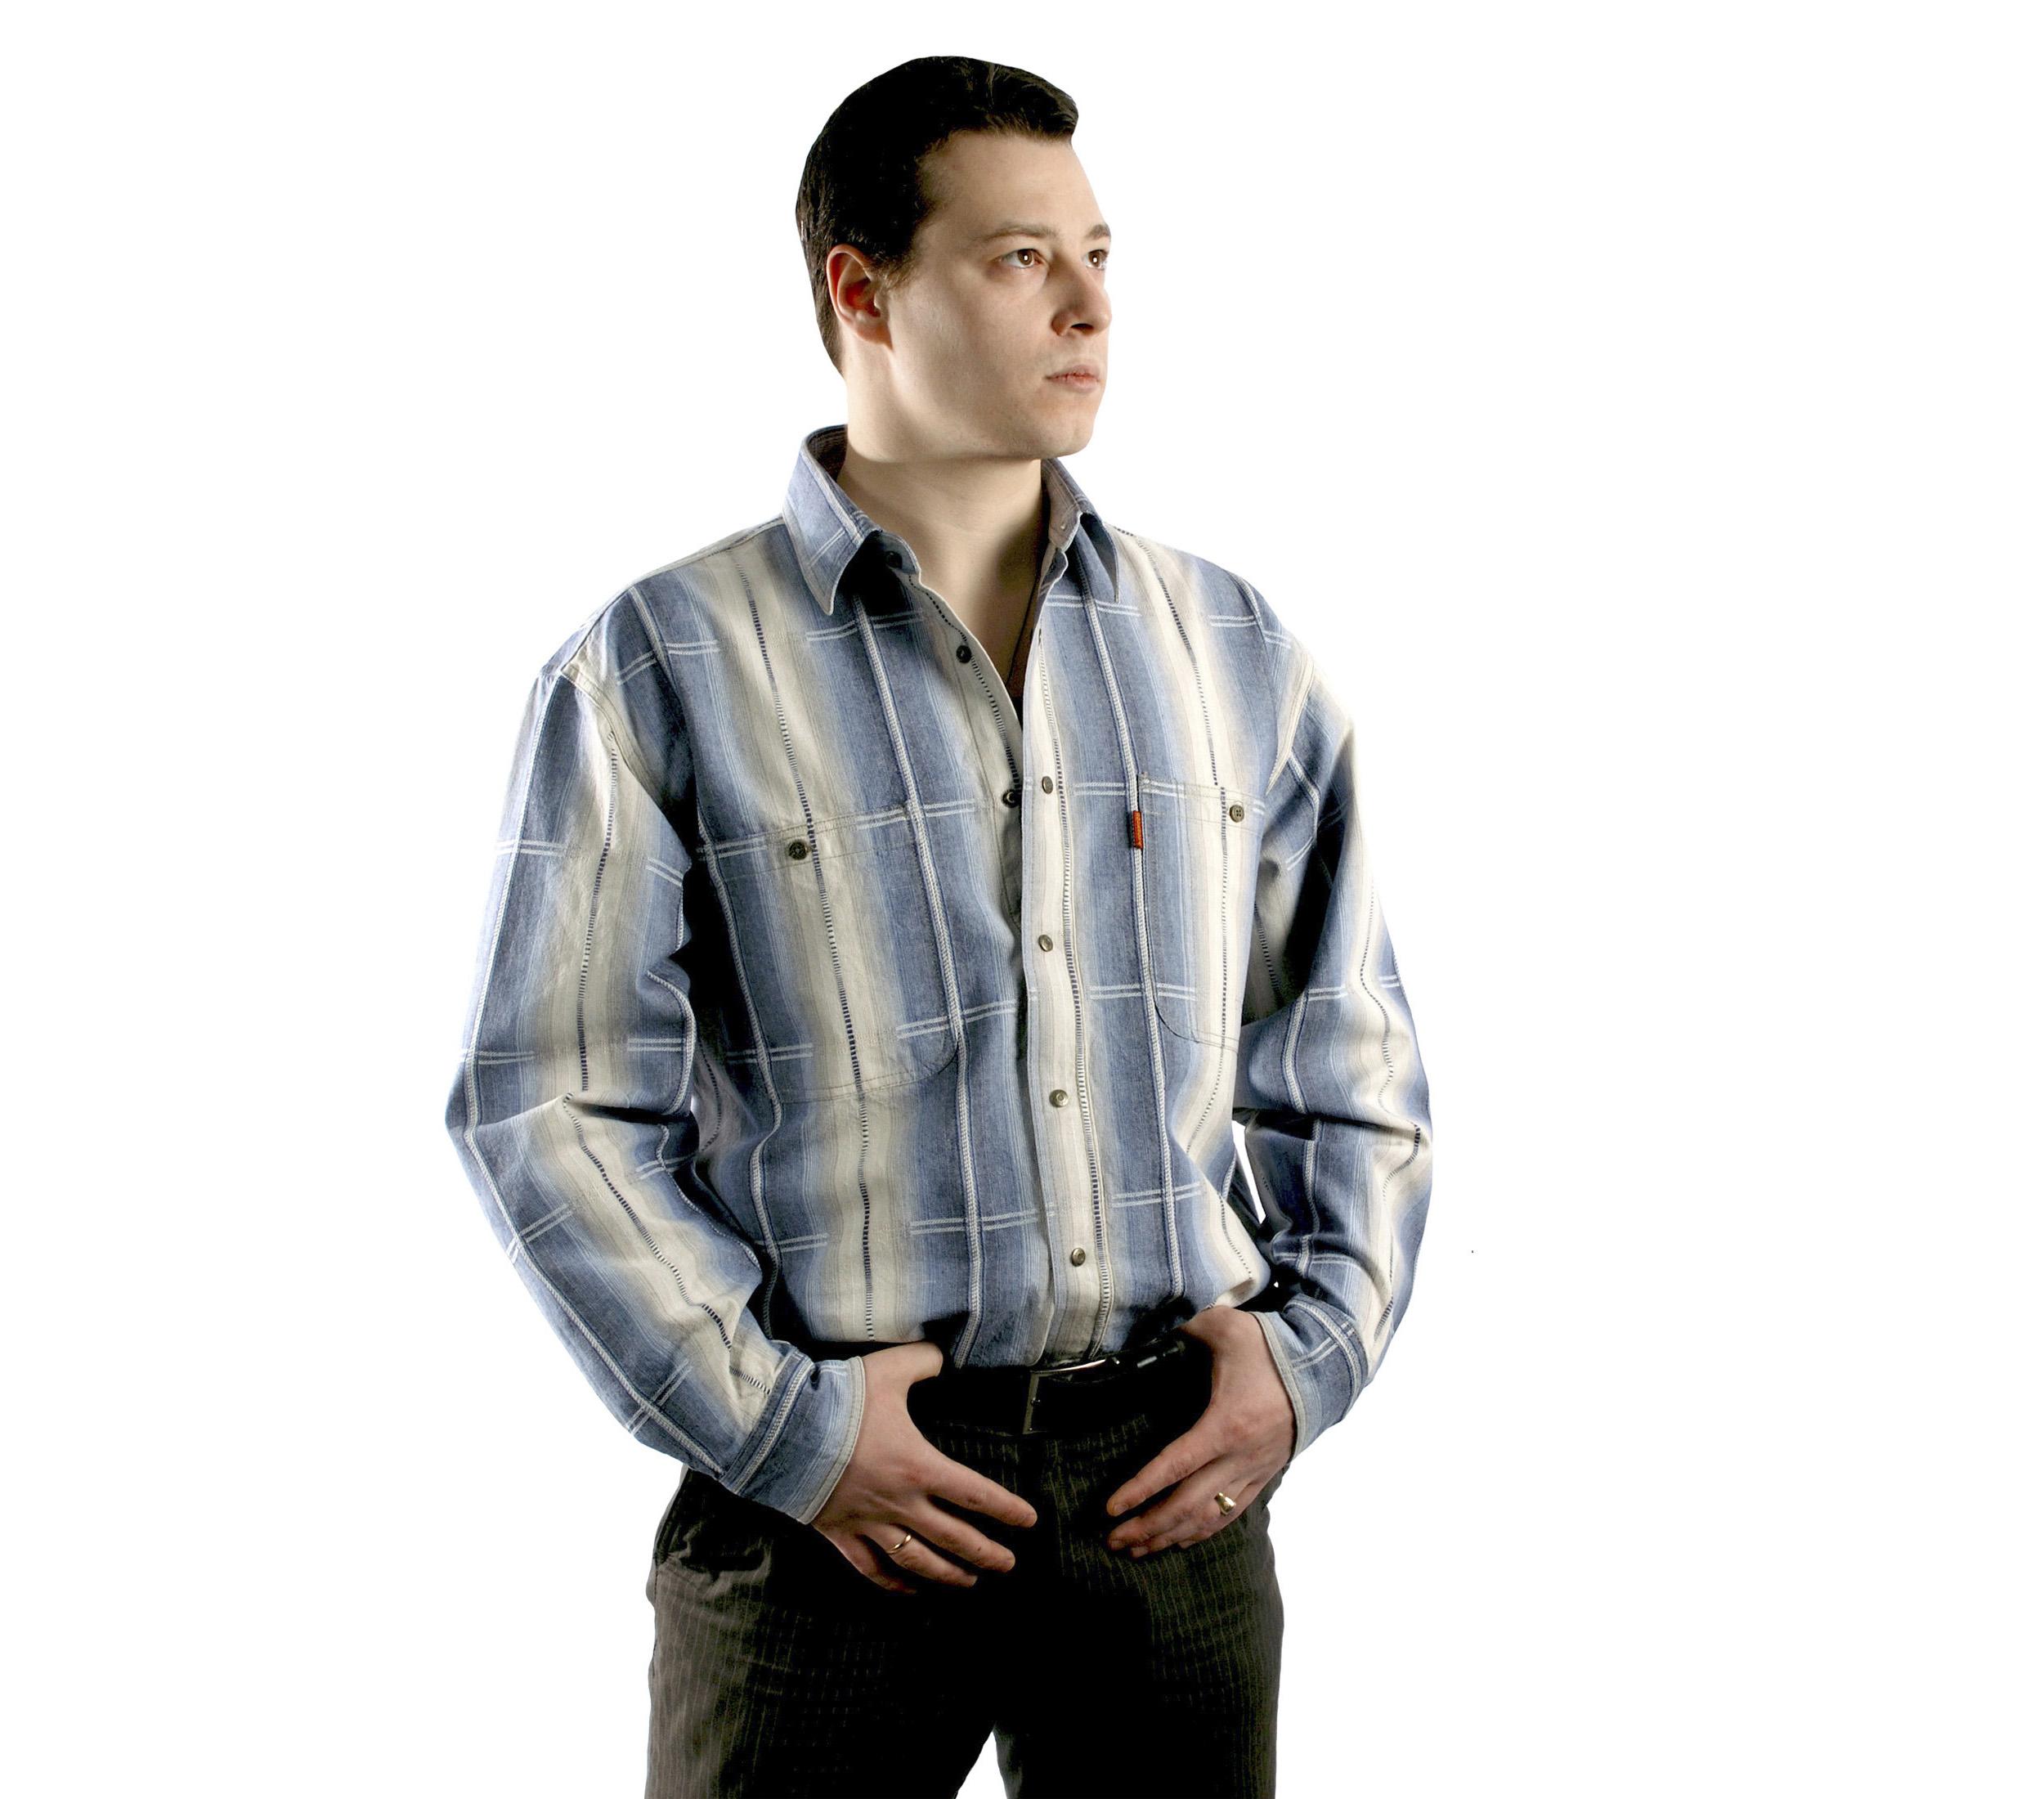 Мужская рубашка с длинным рукавом в крупную серо-бежевую полоску